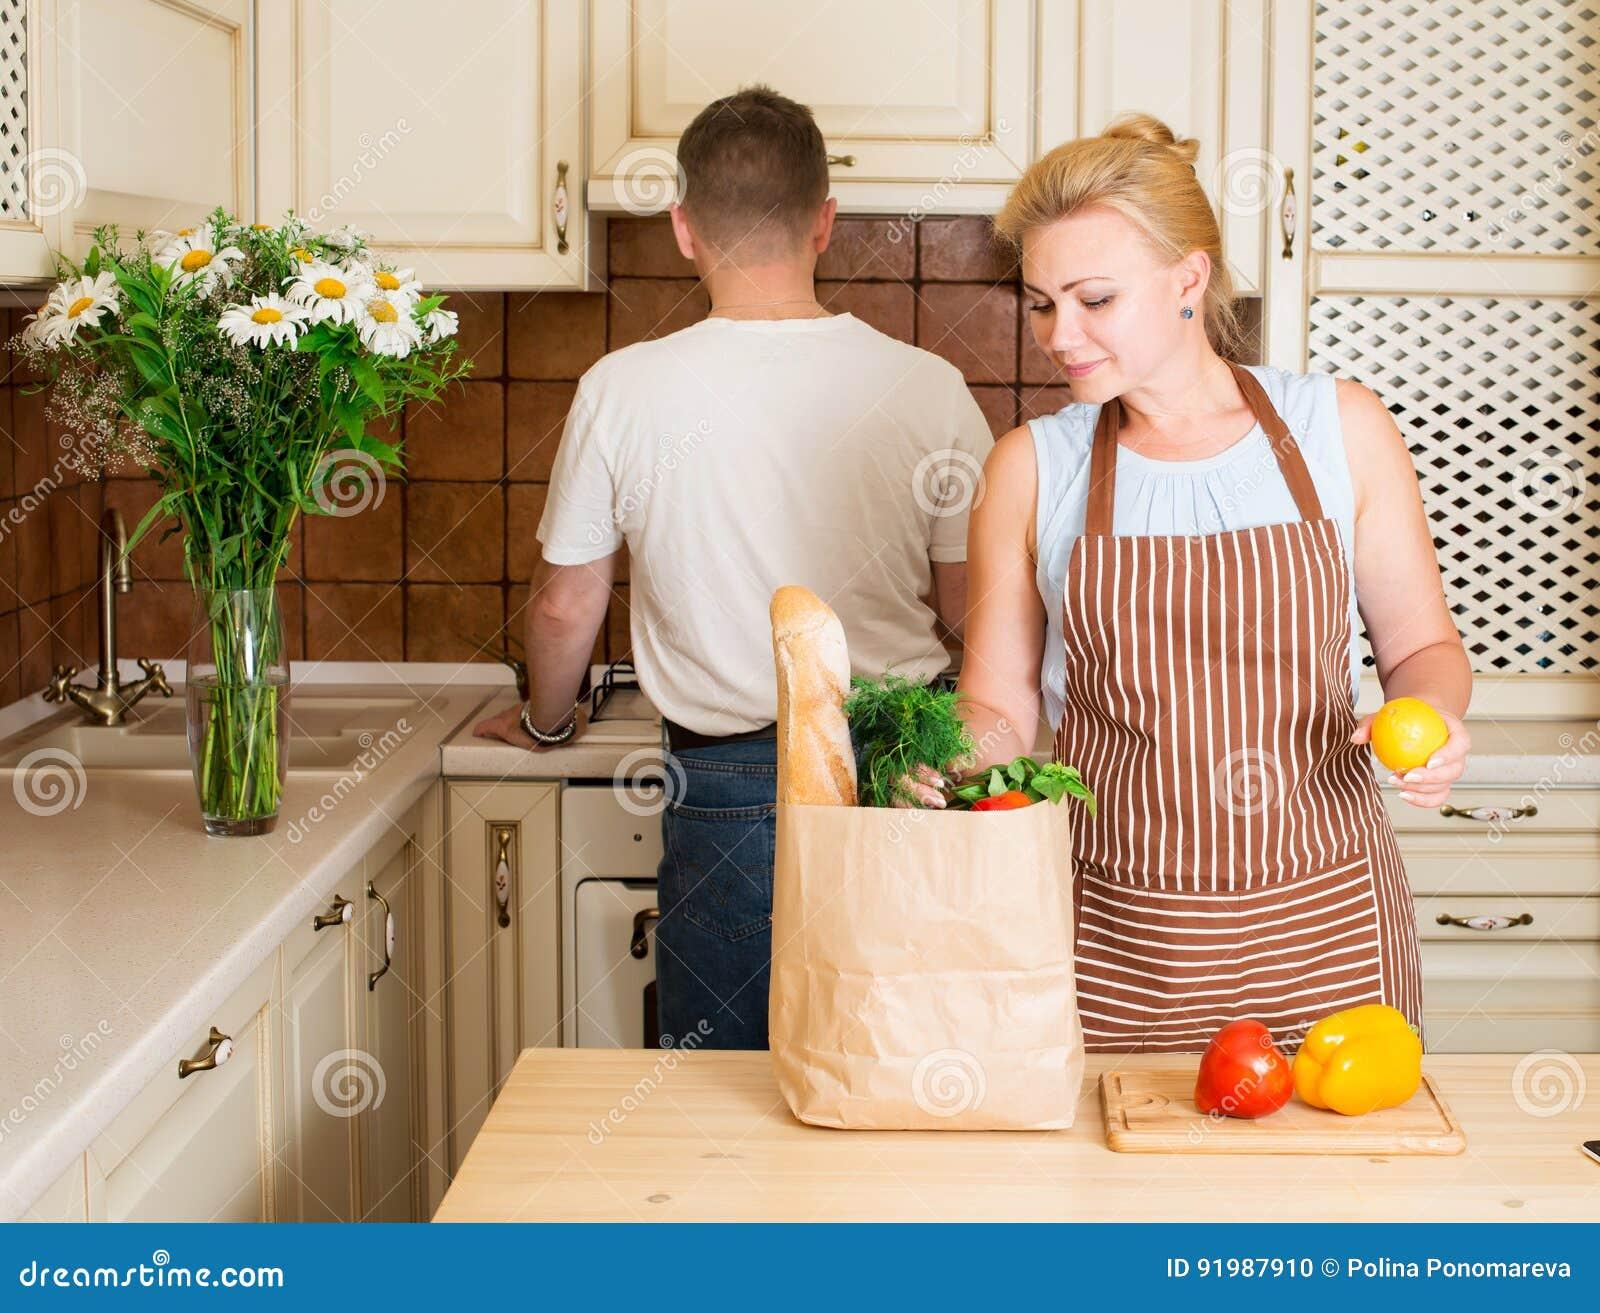 Porträt des glücklichen Paars mit Schrenzpapiertasche mit Gemüse